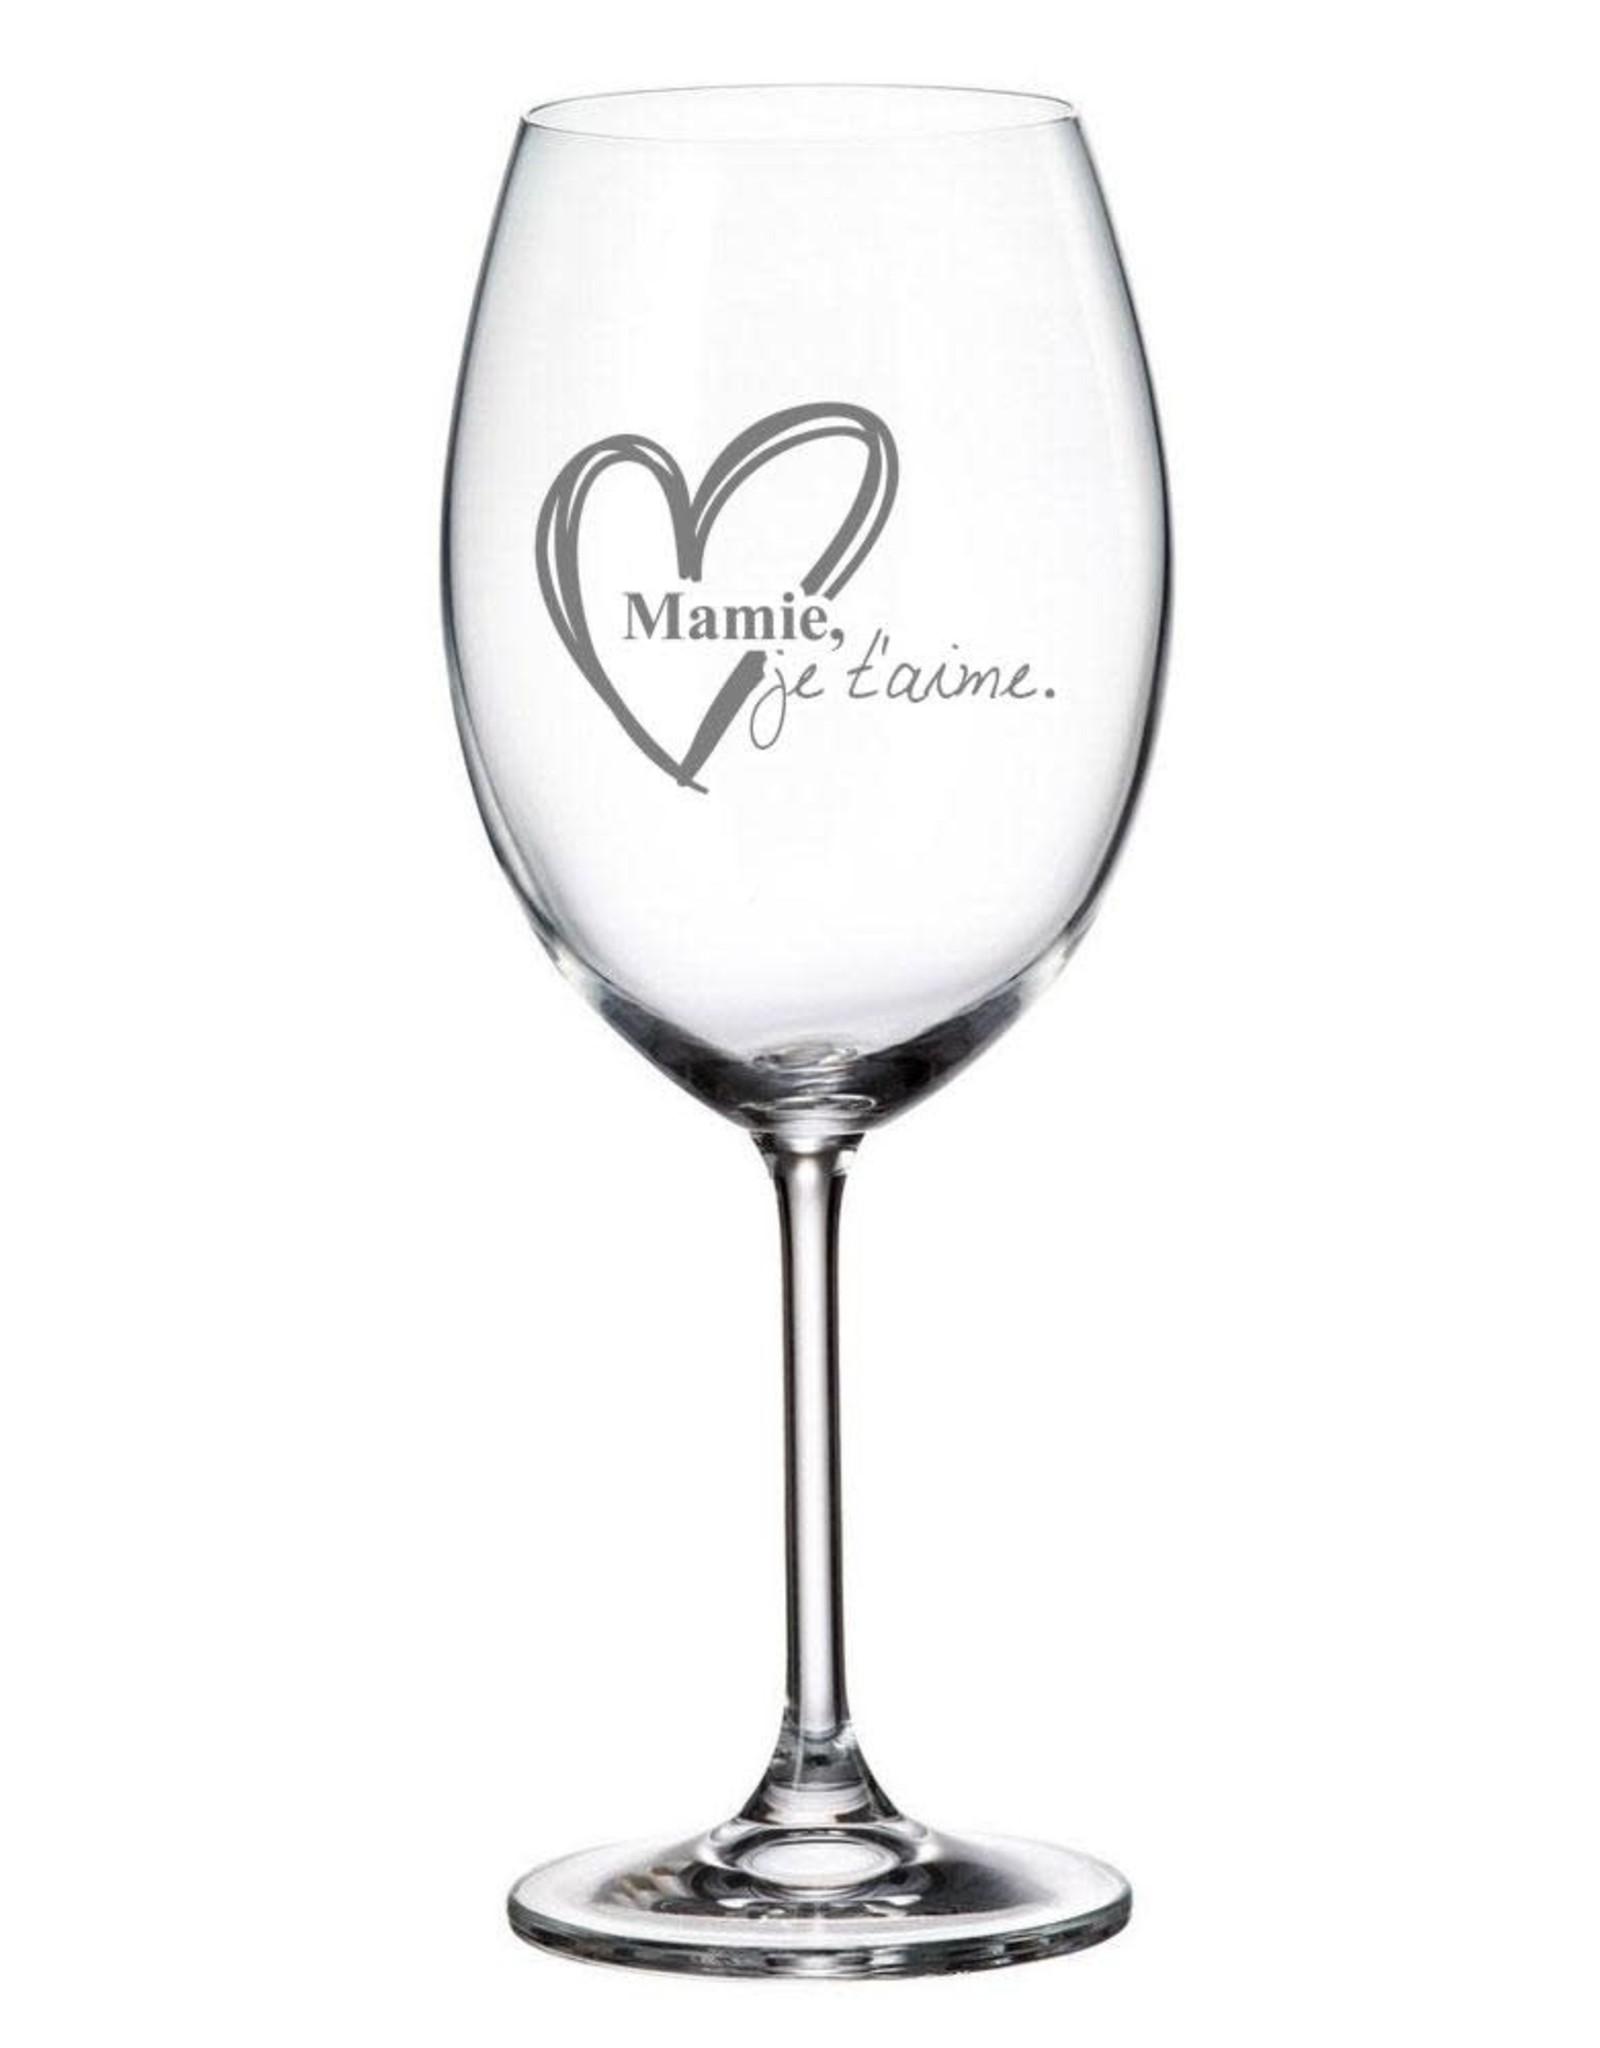 La maison du bar Verre à vin - Mamie je t'aime